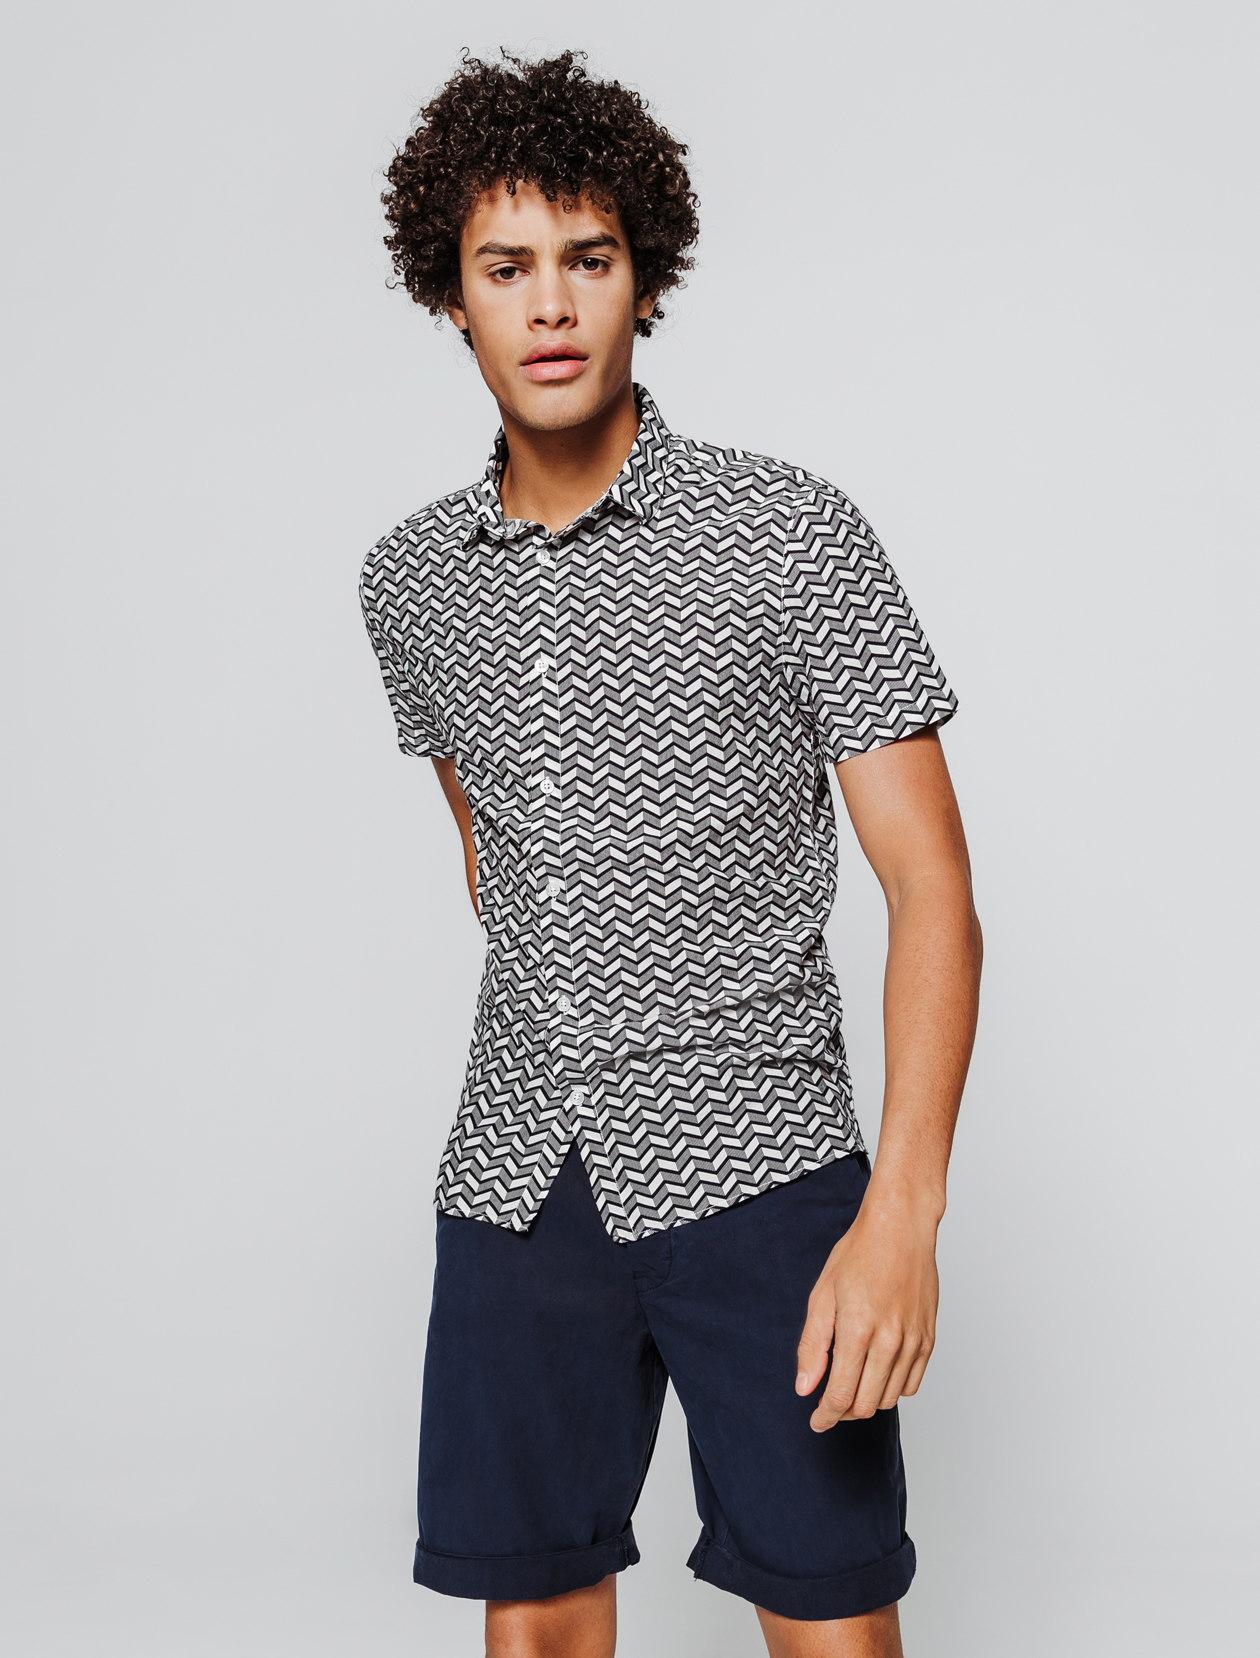 Chemise manches courtes imprimée géométrique homme